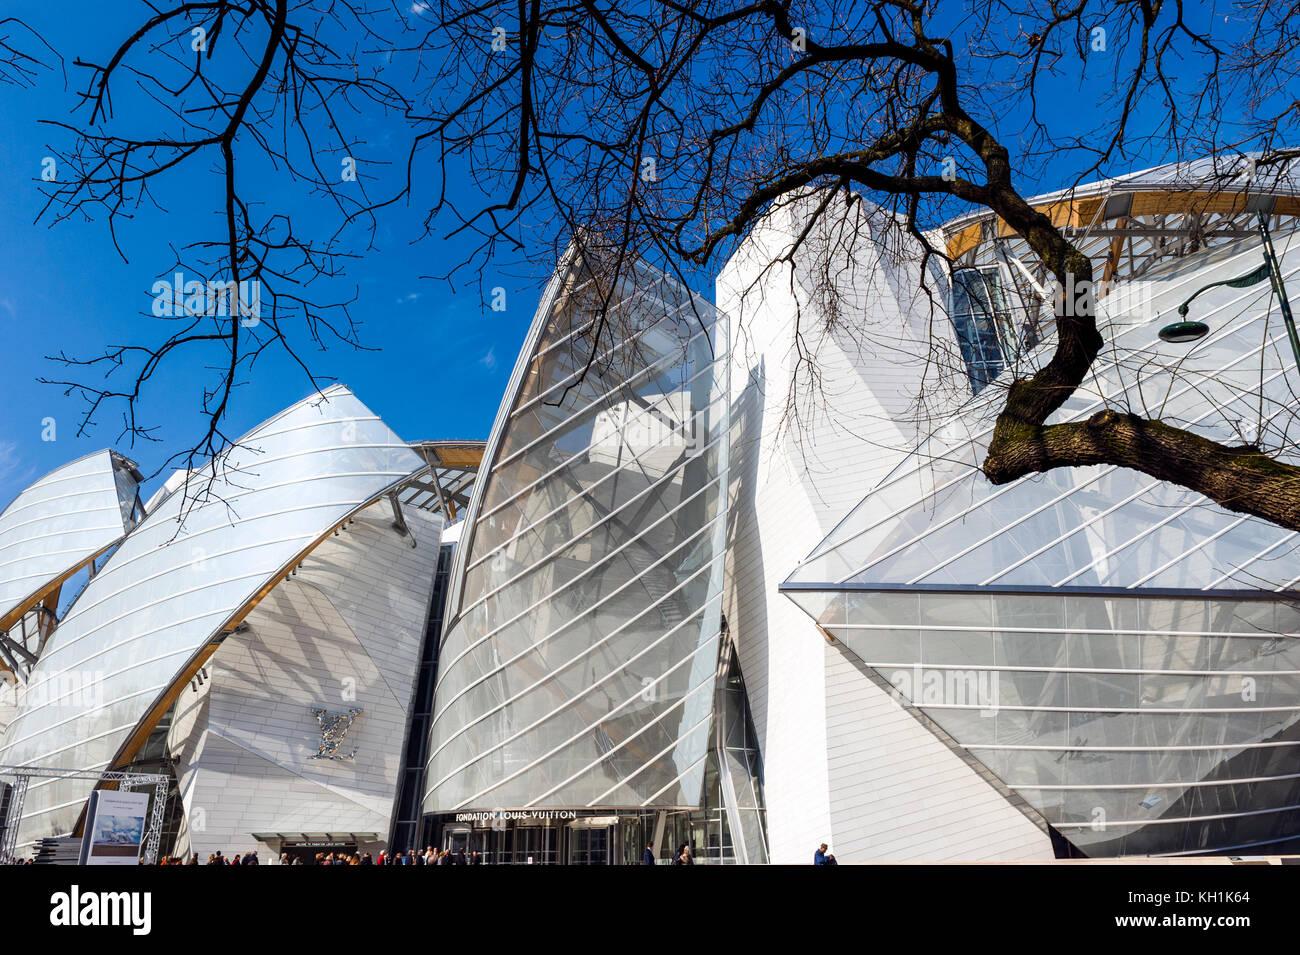 France. Paris (75), 8ème Arr. Fondation Louis Vuitton conceived by architect Frank O. Gehry in Paris, Bois de Boulogne Stock Photo